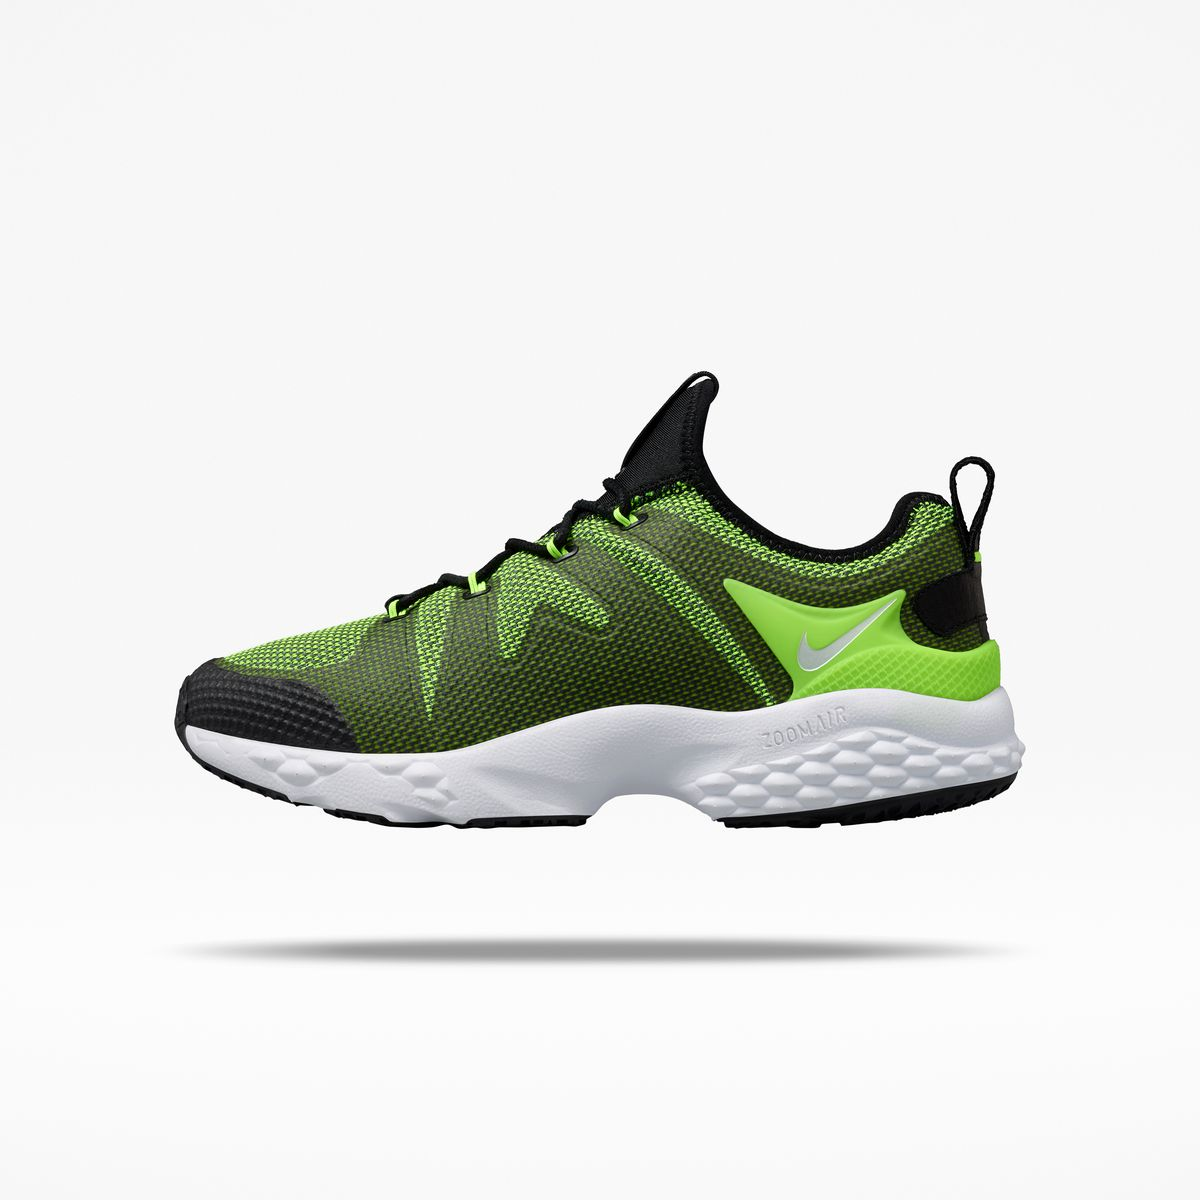 The NikeLab Air Zoom LWP x Kim Jones sneakers in neon green.